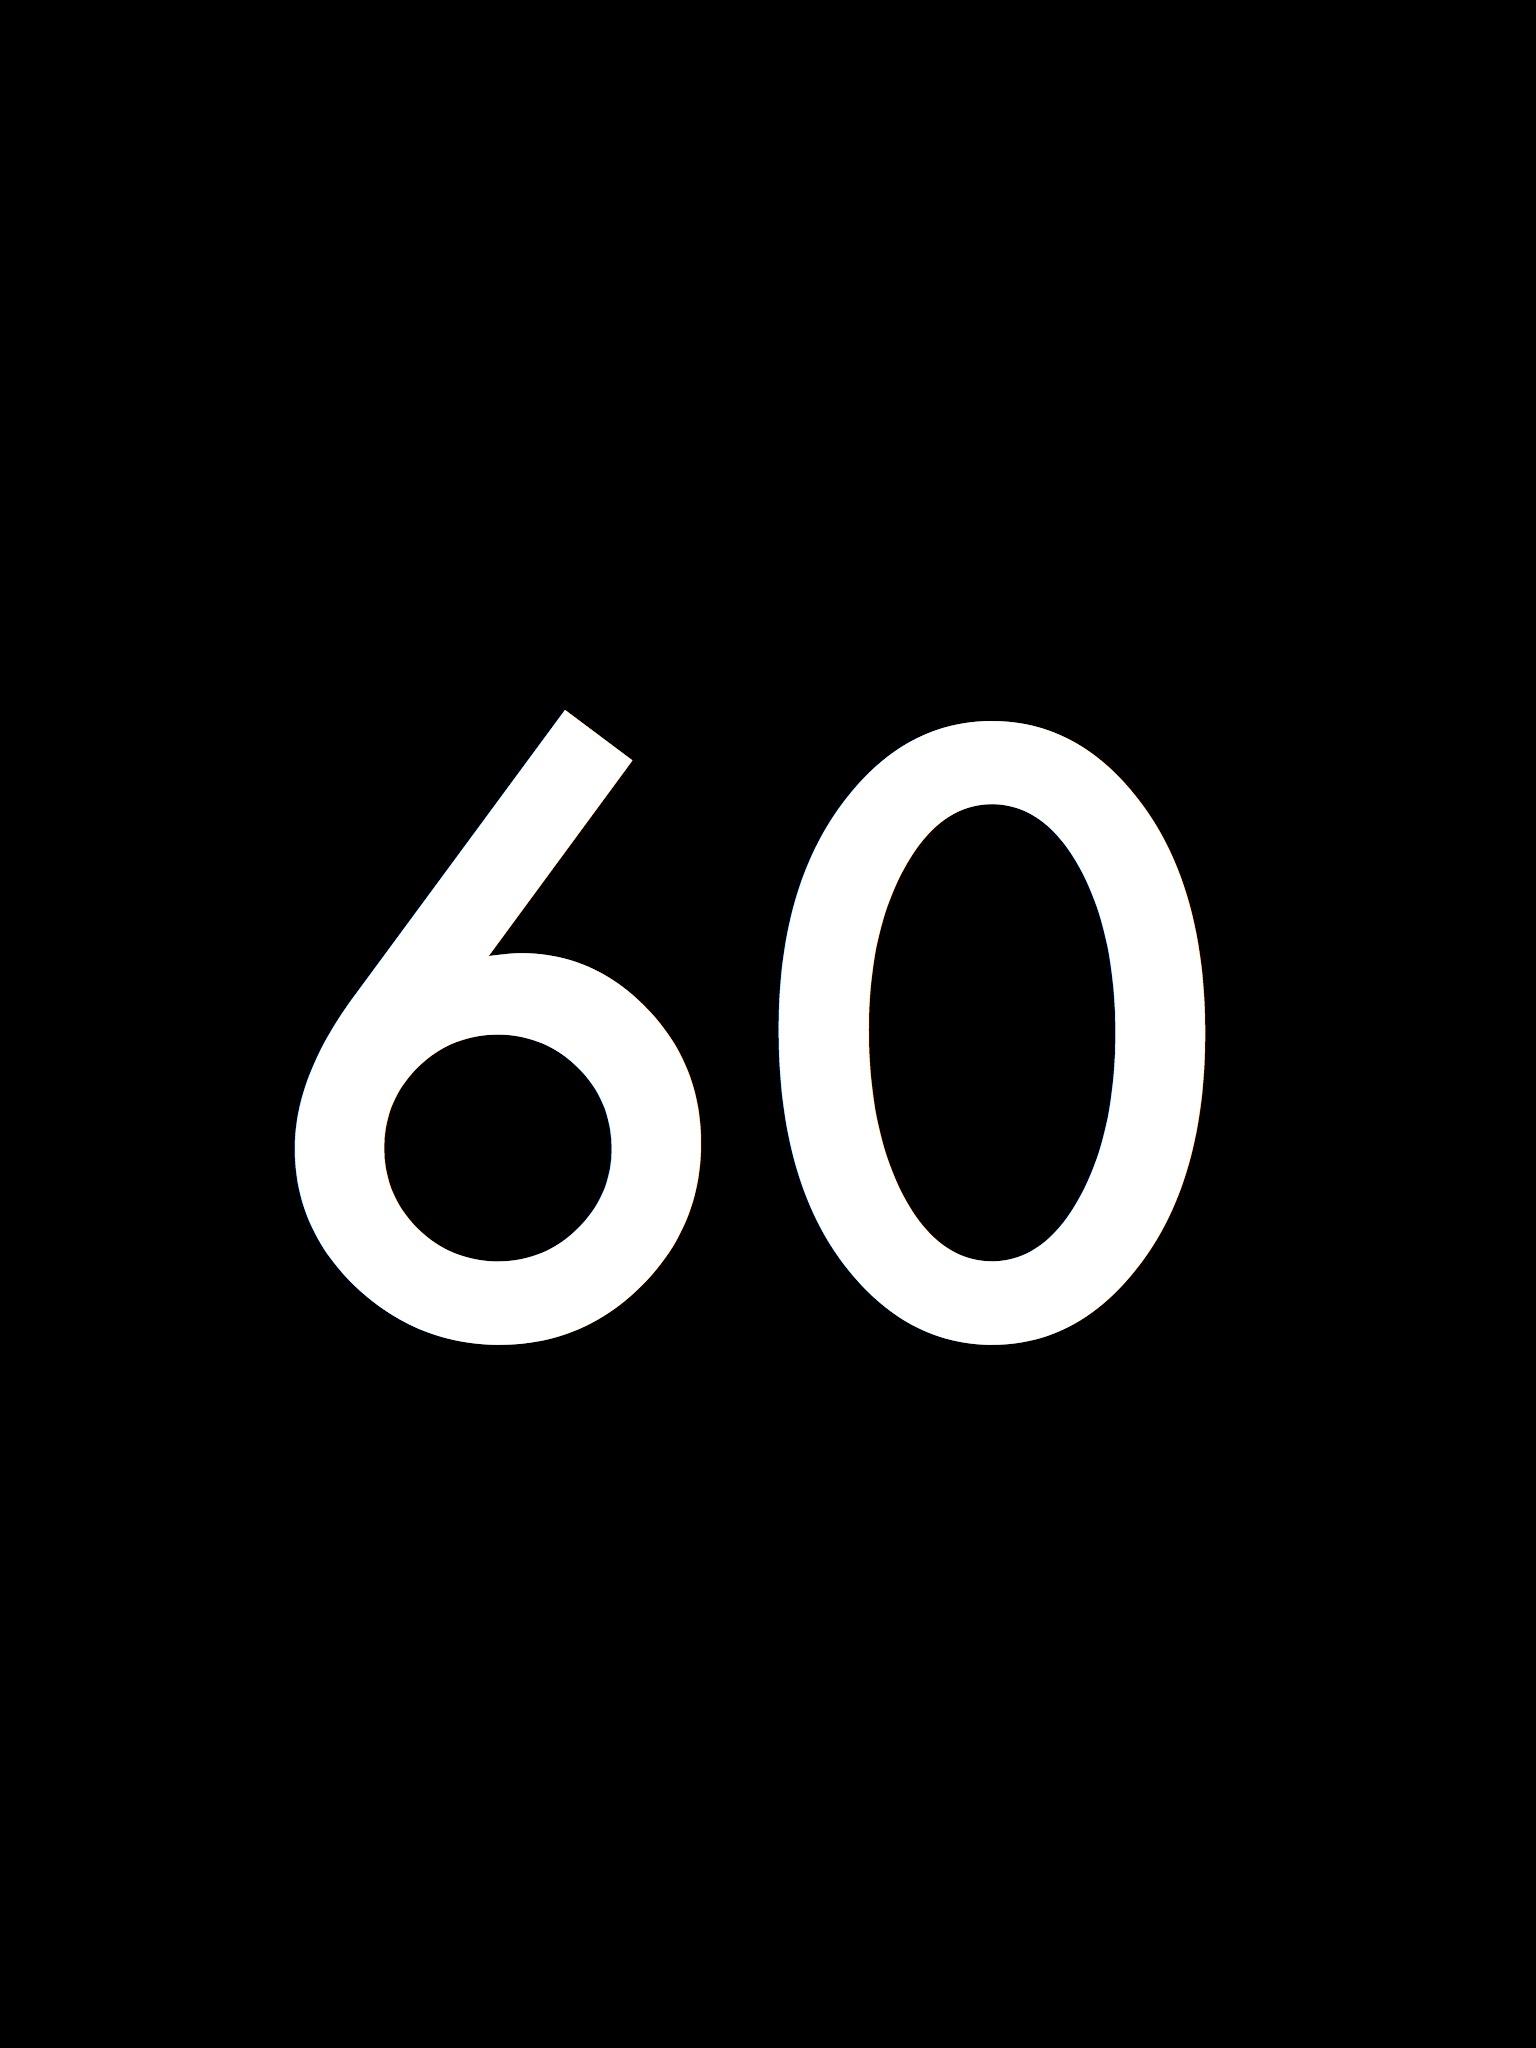 Black_Number.060.jpg